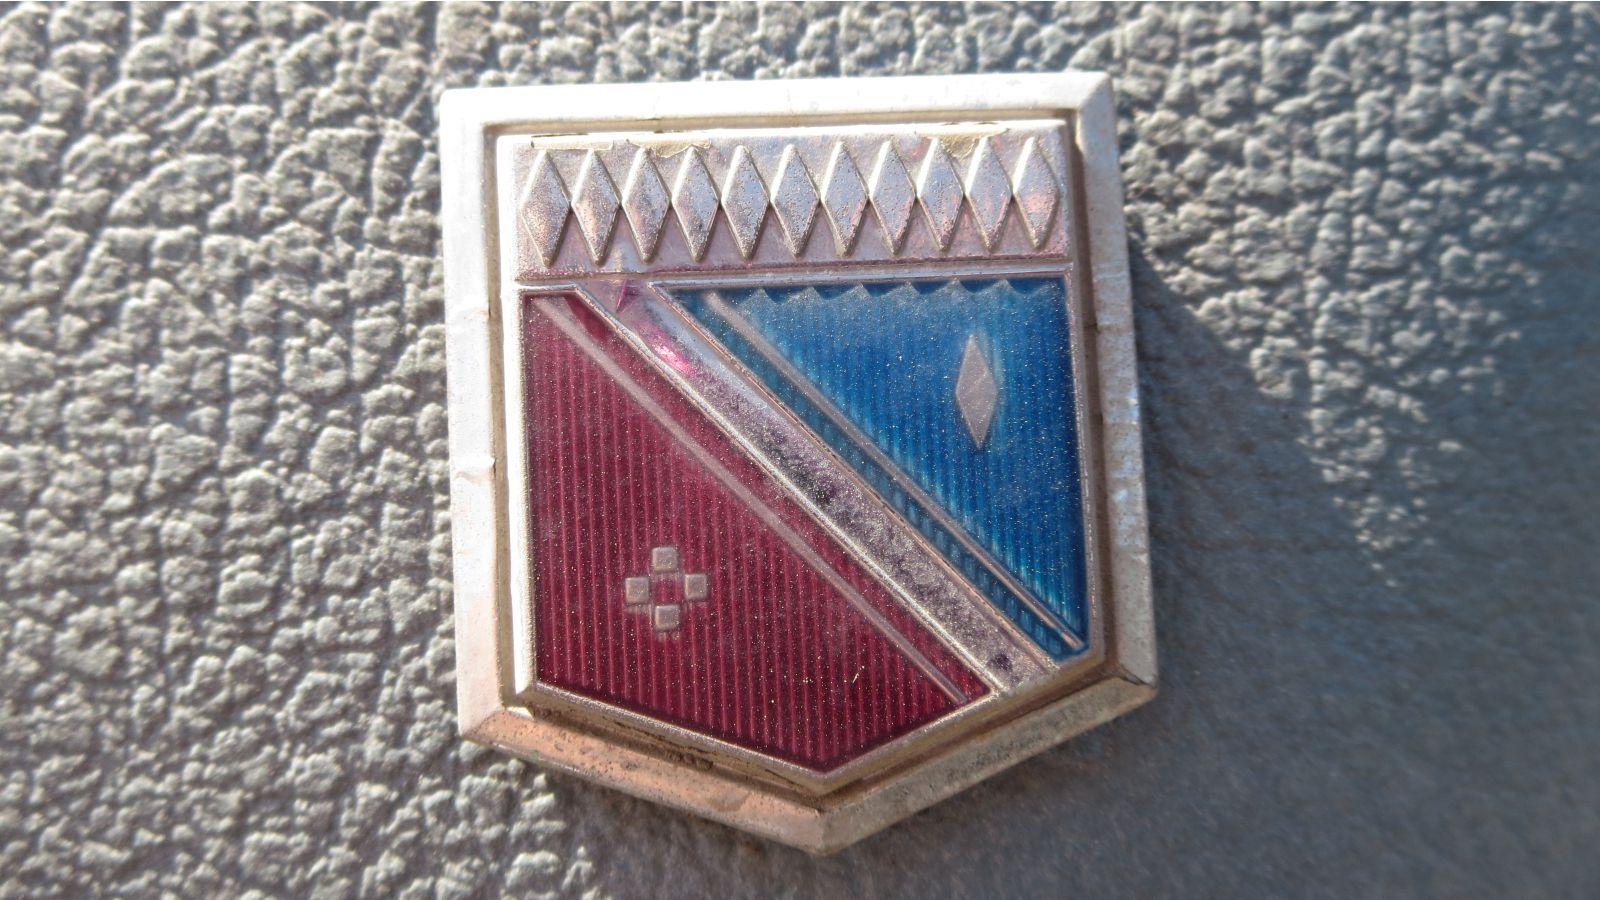 1979 Buick LeSabre emblem